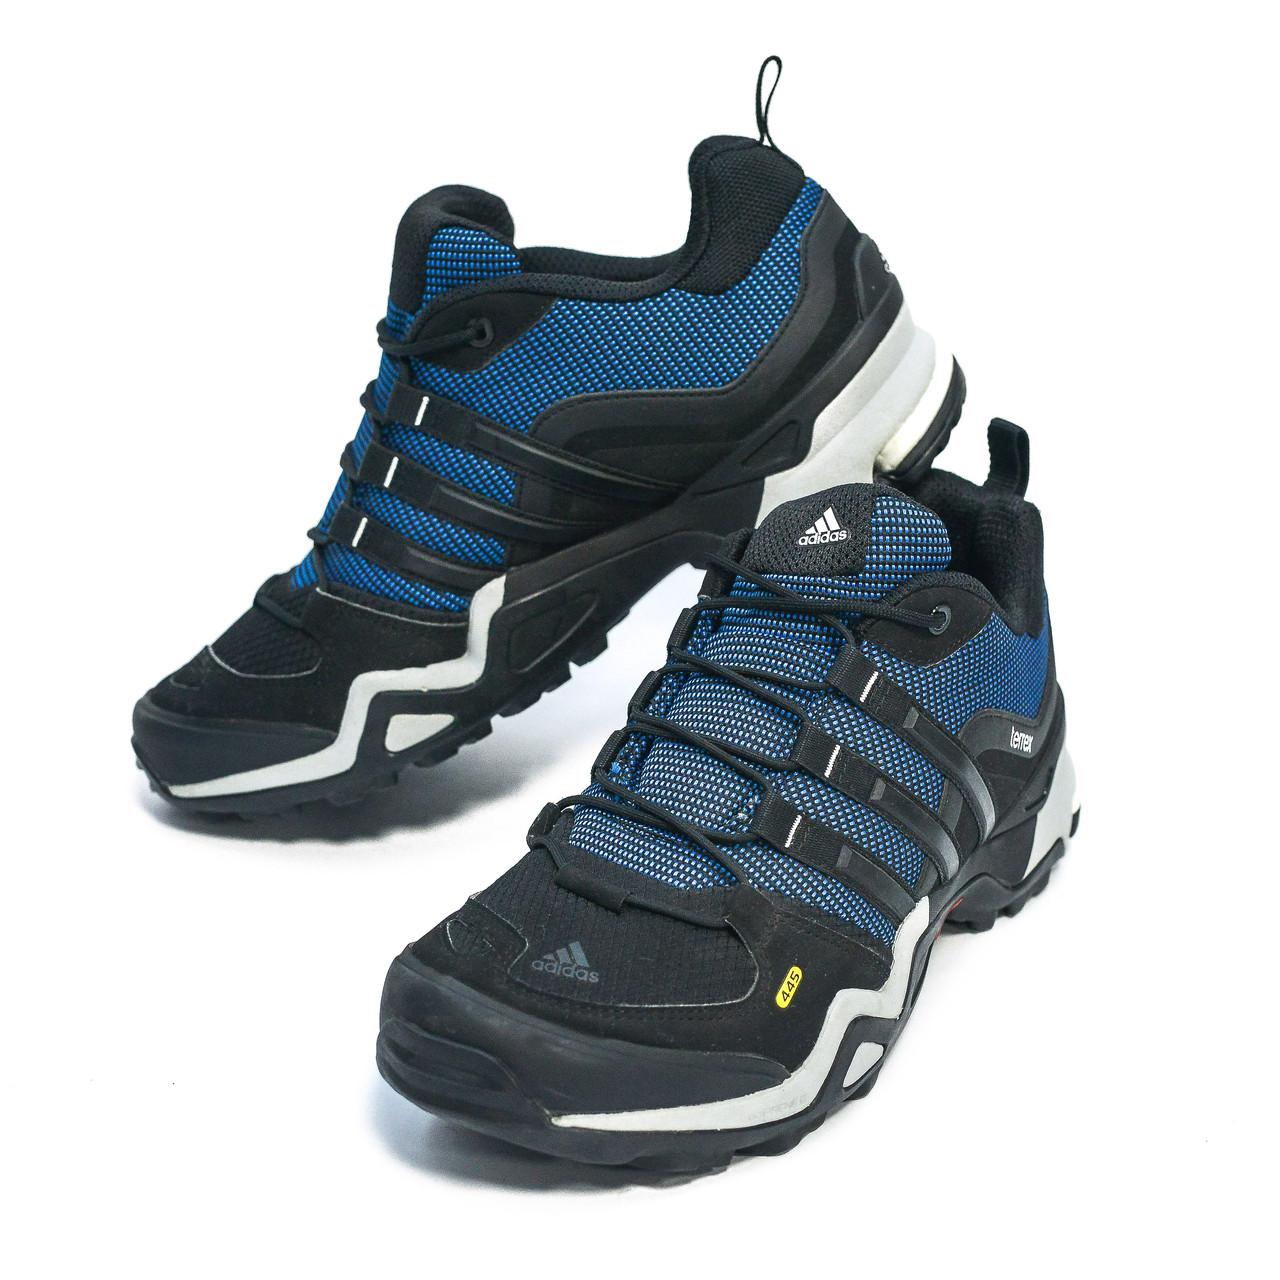 new products 98ac1 1cb84 Оригинальные мужские кроссовки Adidas Terrex Fast X: продажа, цена в  Волынской области. кроссовки, кеды повседневные от